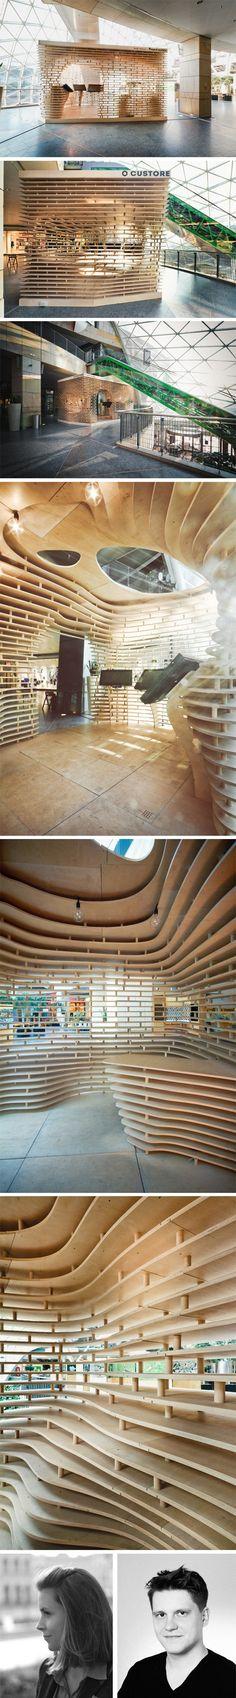 Custore Pavilion explore les domaines de l'architecture paramétrique, utilisés pour le marché commercial. Pour cette réalisation, Anna Dobek et Mateusz Wojcicki ont du faire face aux enjeux esthétiques des formes sculpturales générées par ordinateur mais également aux problèmes pratiques liés à l'exécution du projet à l'intérieur d'un bâtiment.